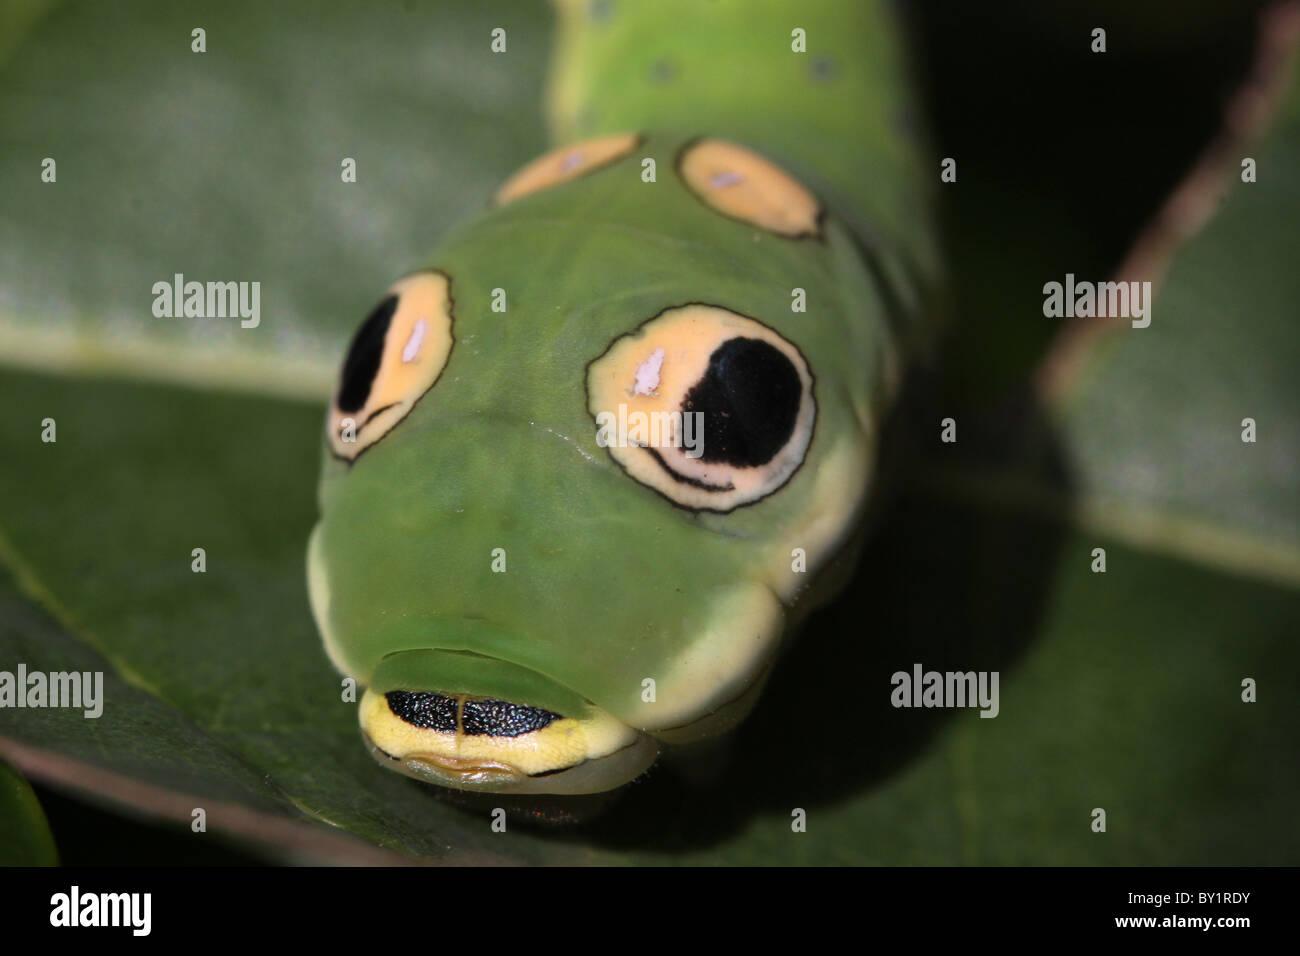 Spicebush Schwalbenschwanz Raupe Schlange mimischen gefälschte Auge Flecken Stockbild